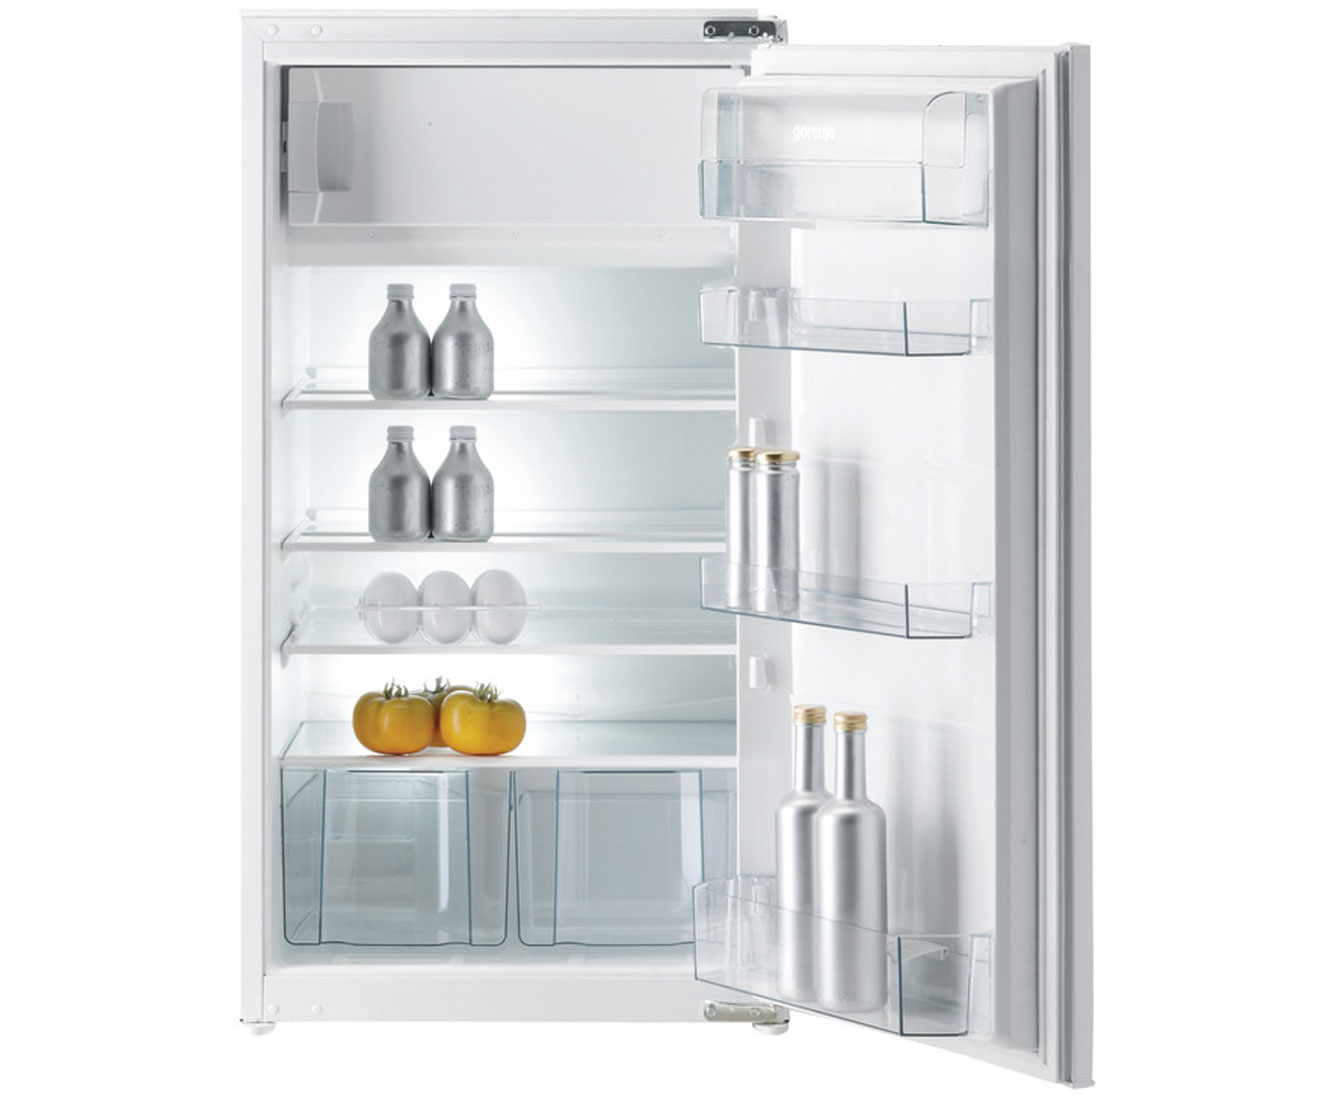 Gorenje Kühlschrank Olive : Kühlschrank mit gefrierfach preisvergleich u die besten angebote